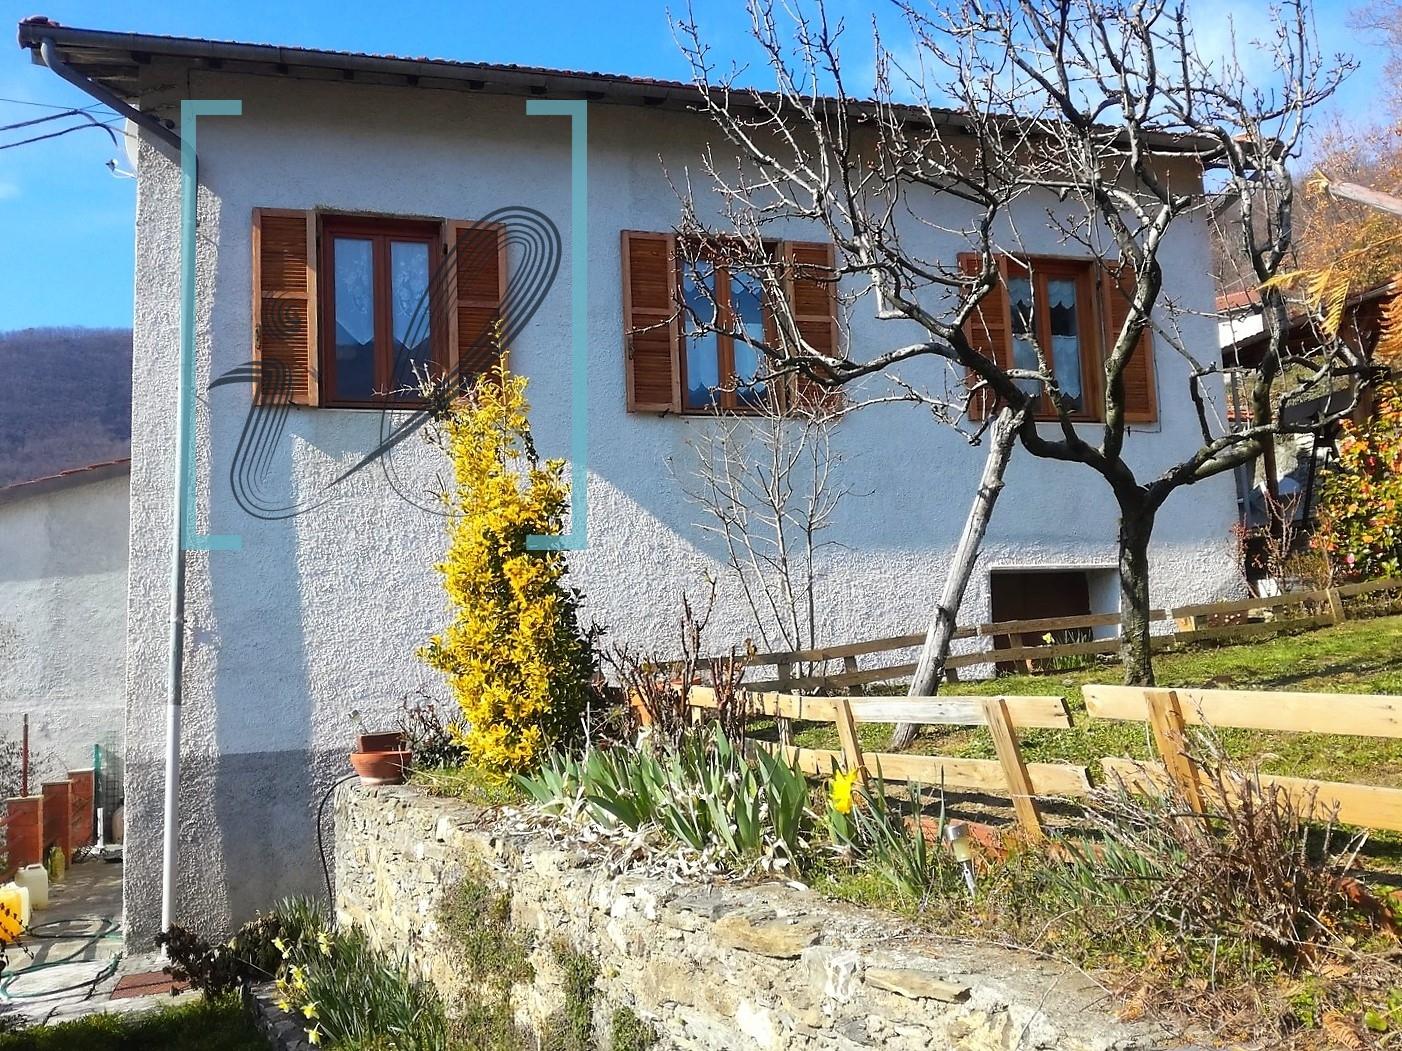 Villa in vendita a Armo, 4 locali, prezzo € 115.000 | CambioCasa.it